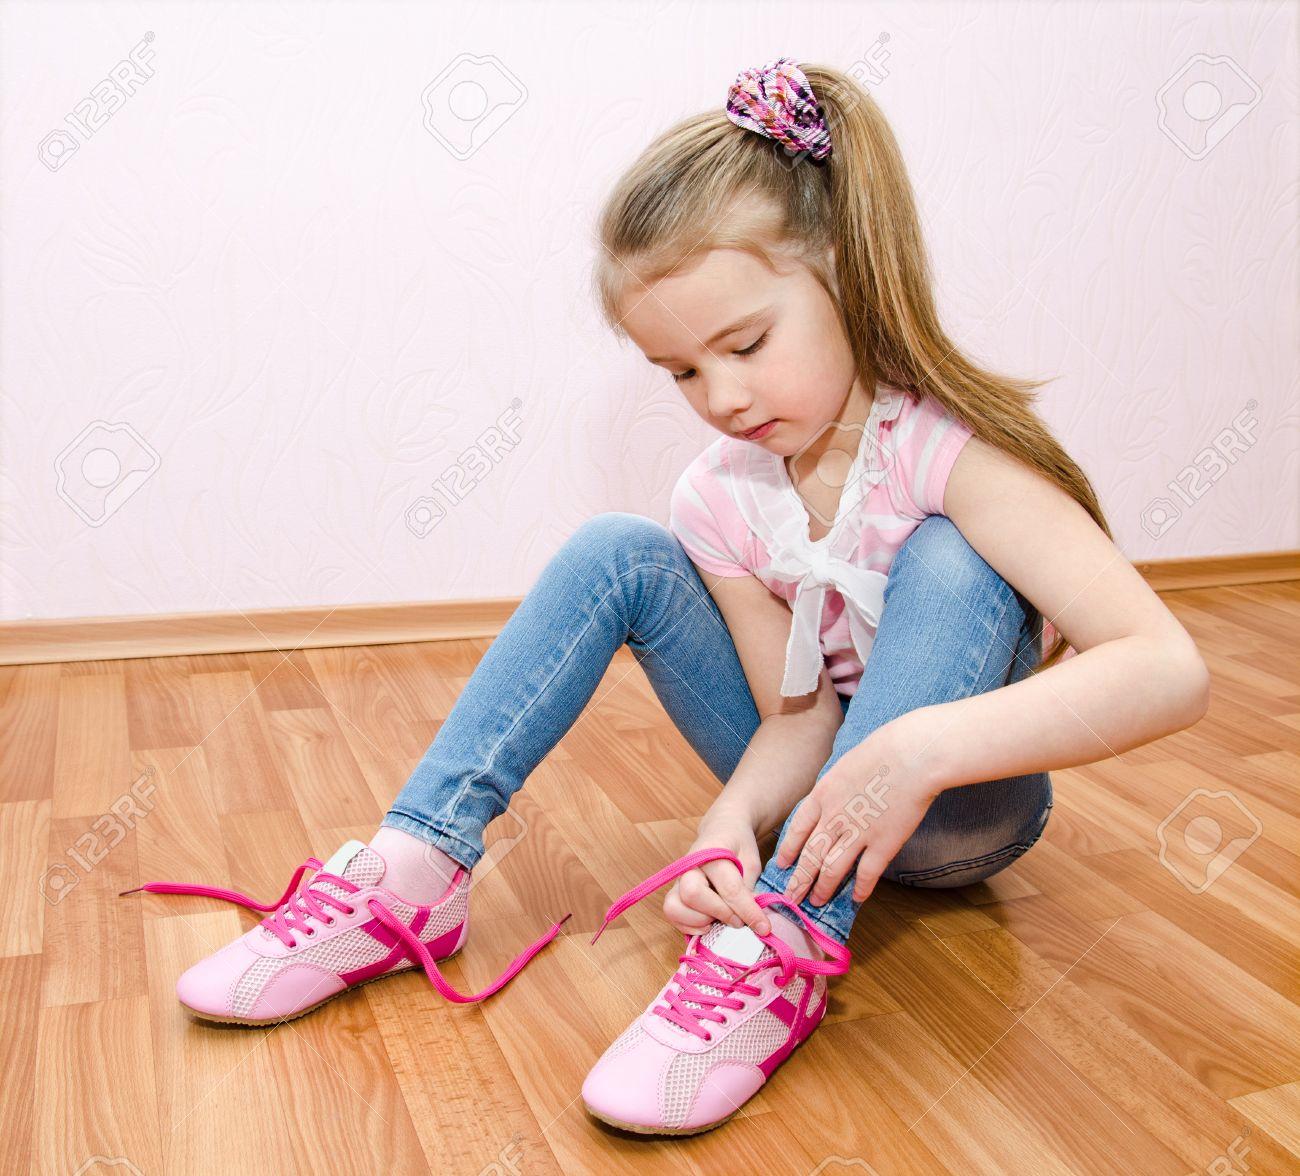 【小中学生】♪美少女らいすっき♪ 382 【天てれ・子役・素人・ボゴOK】 [無断転載禁止]©2ch.netYouTube動画>50本 ->画像>3287枚